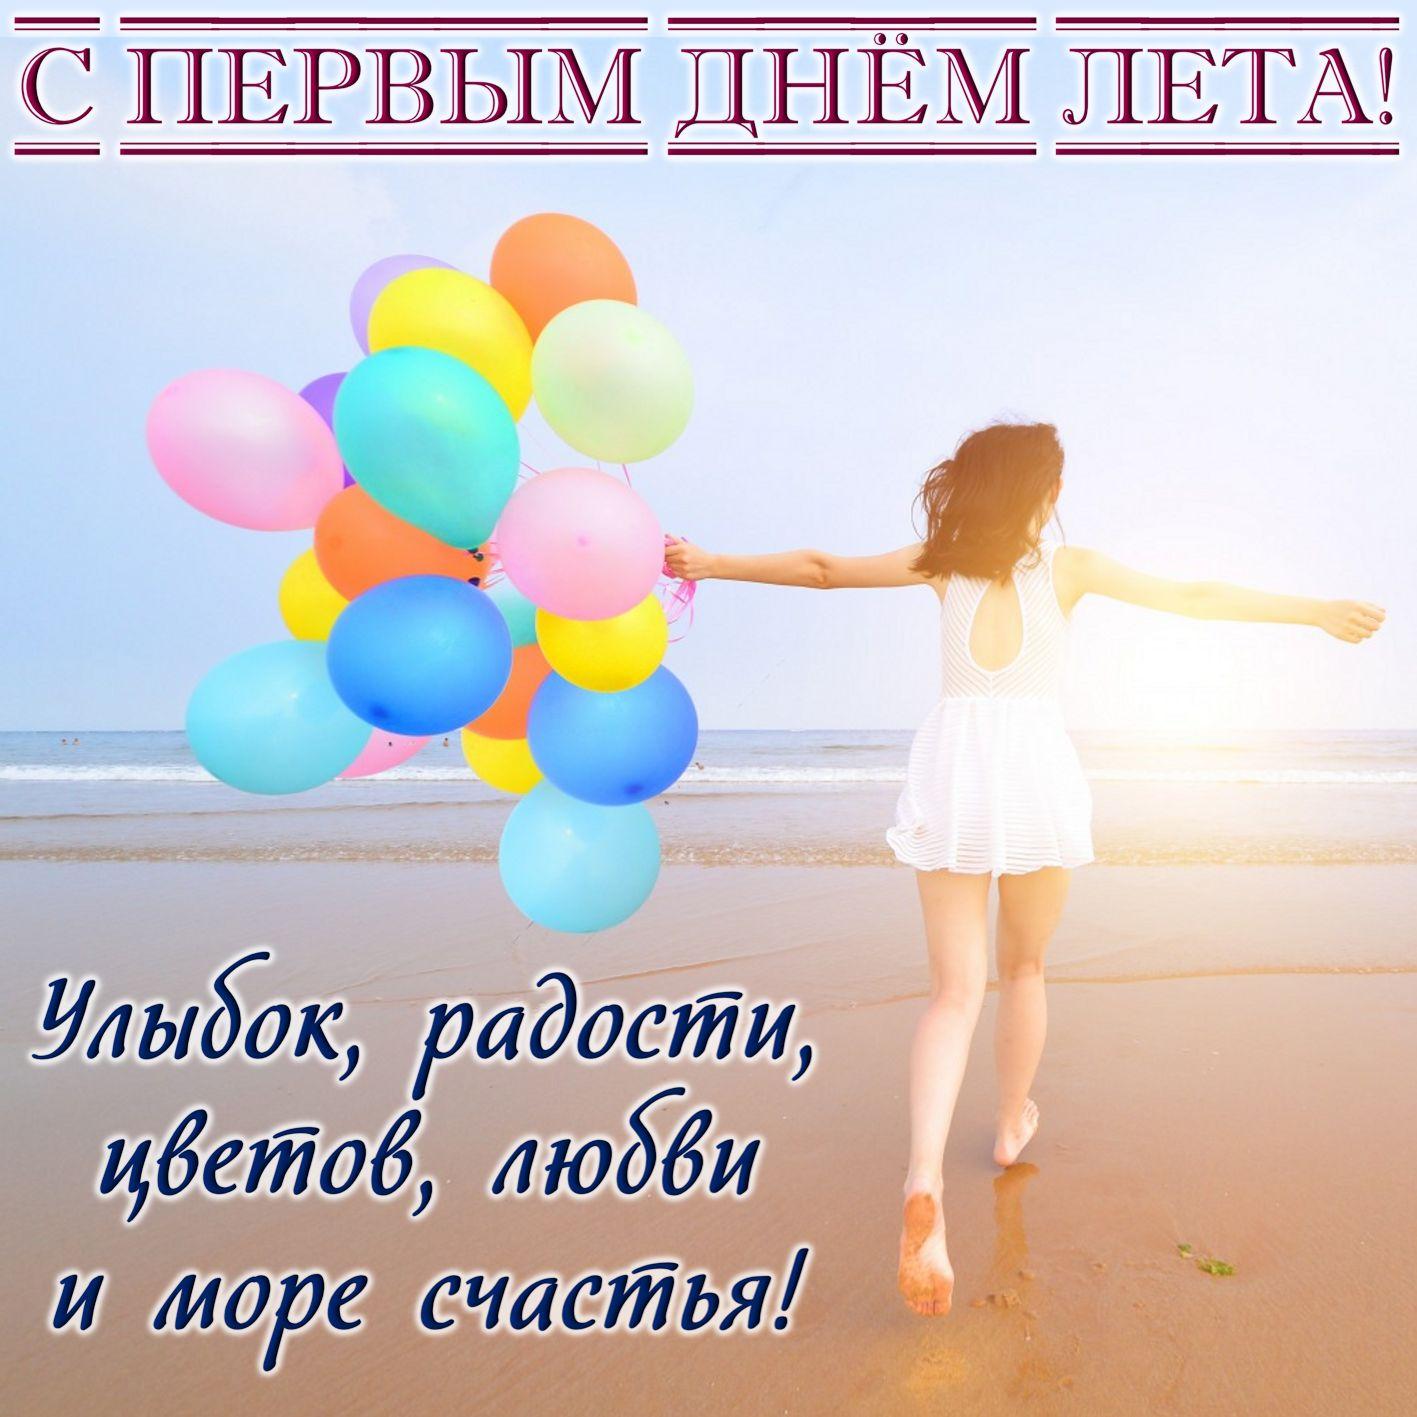 Открытка с первым днём лета - девушка с воздушными шарами на пляже